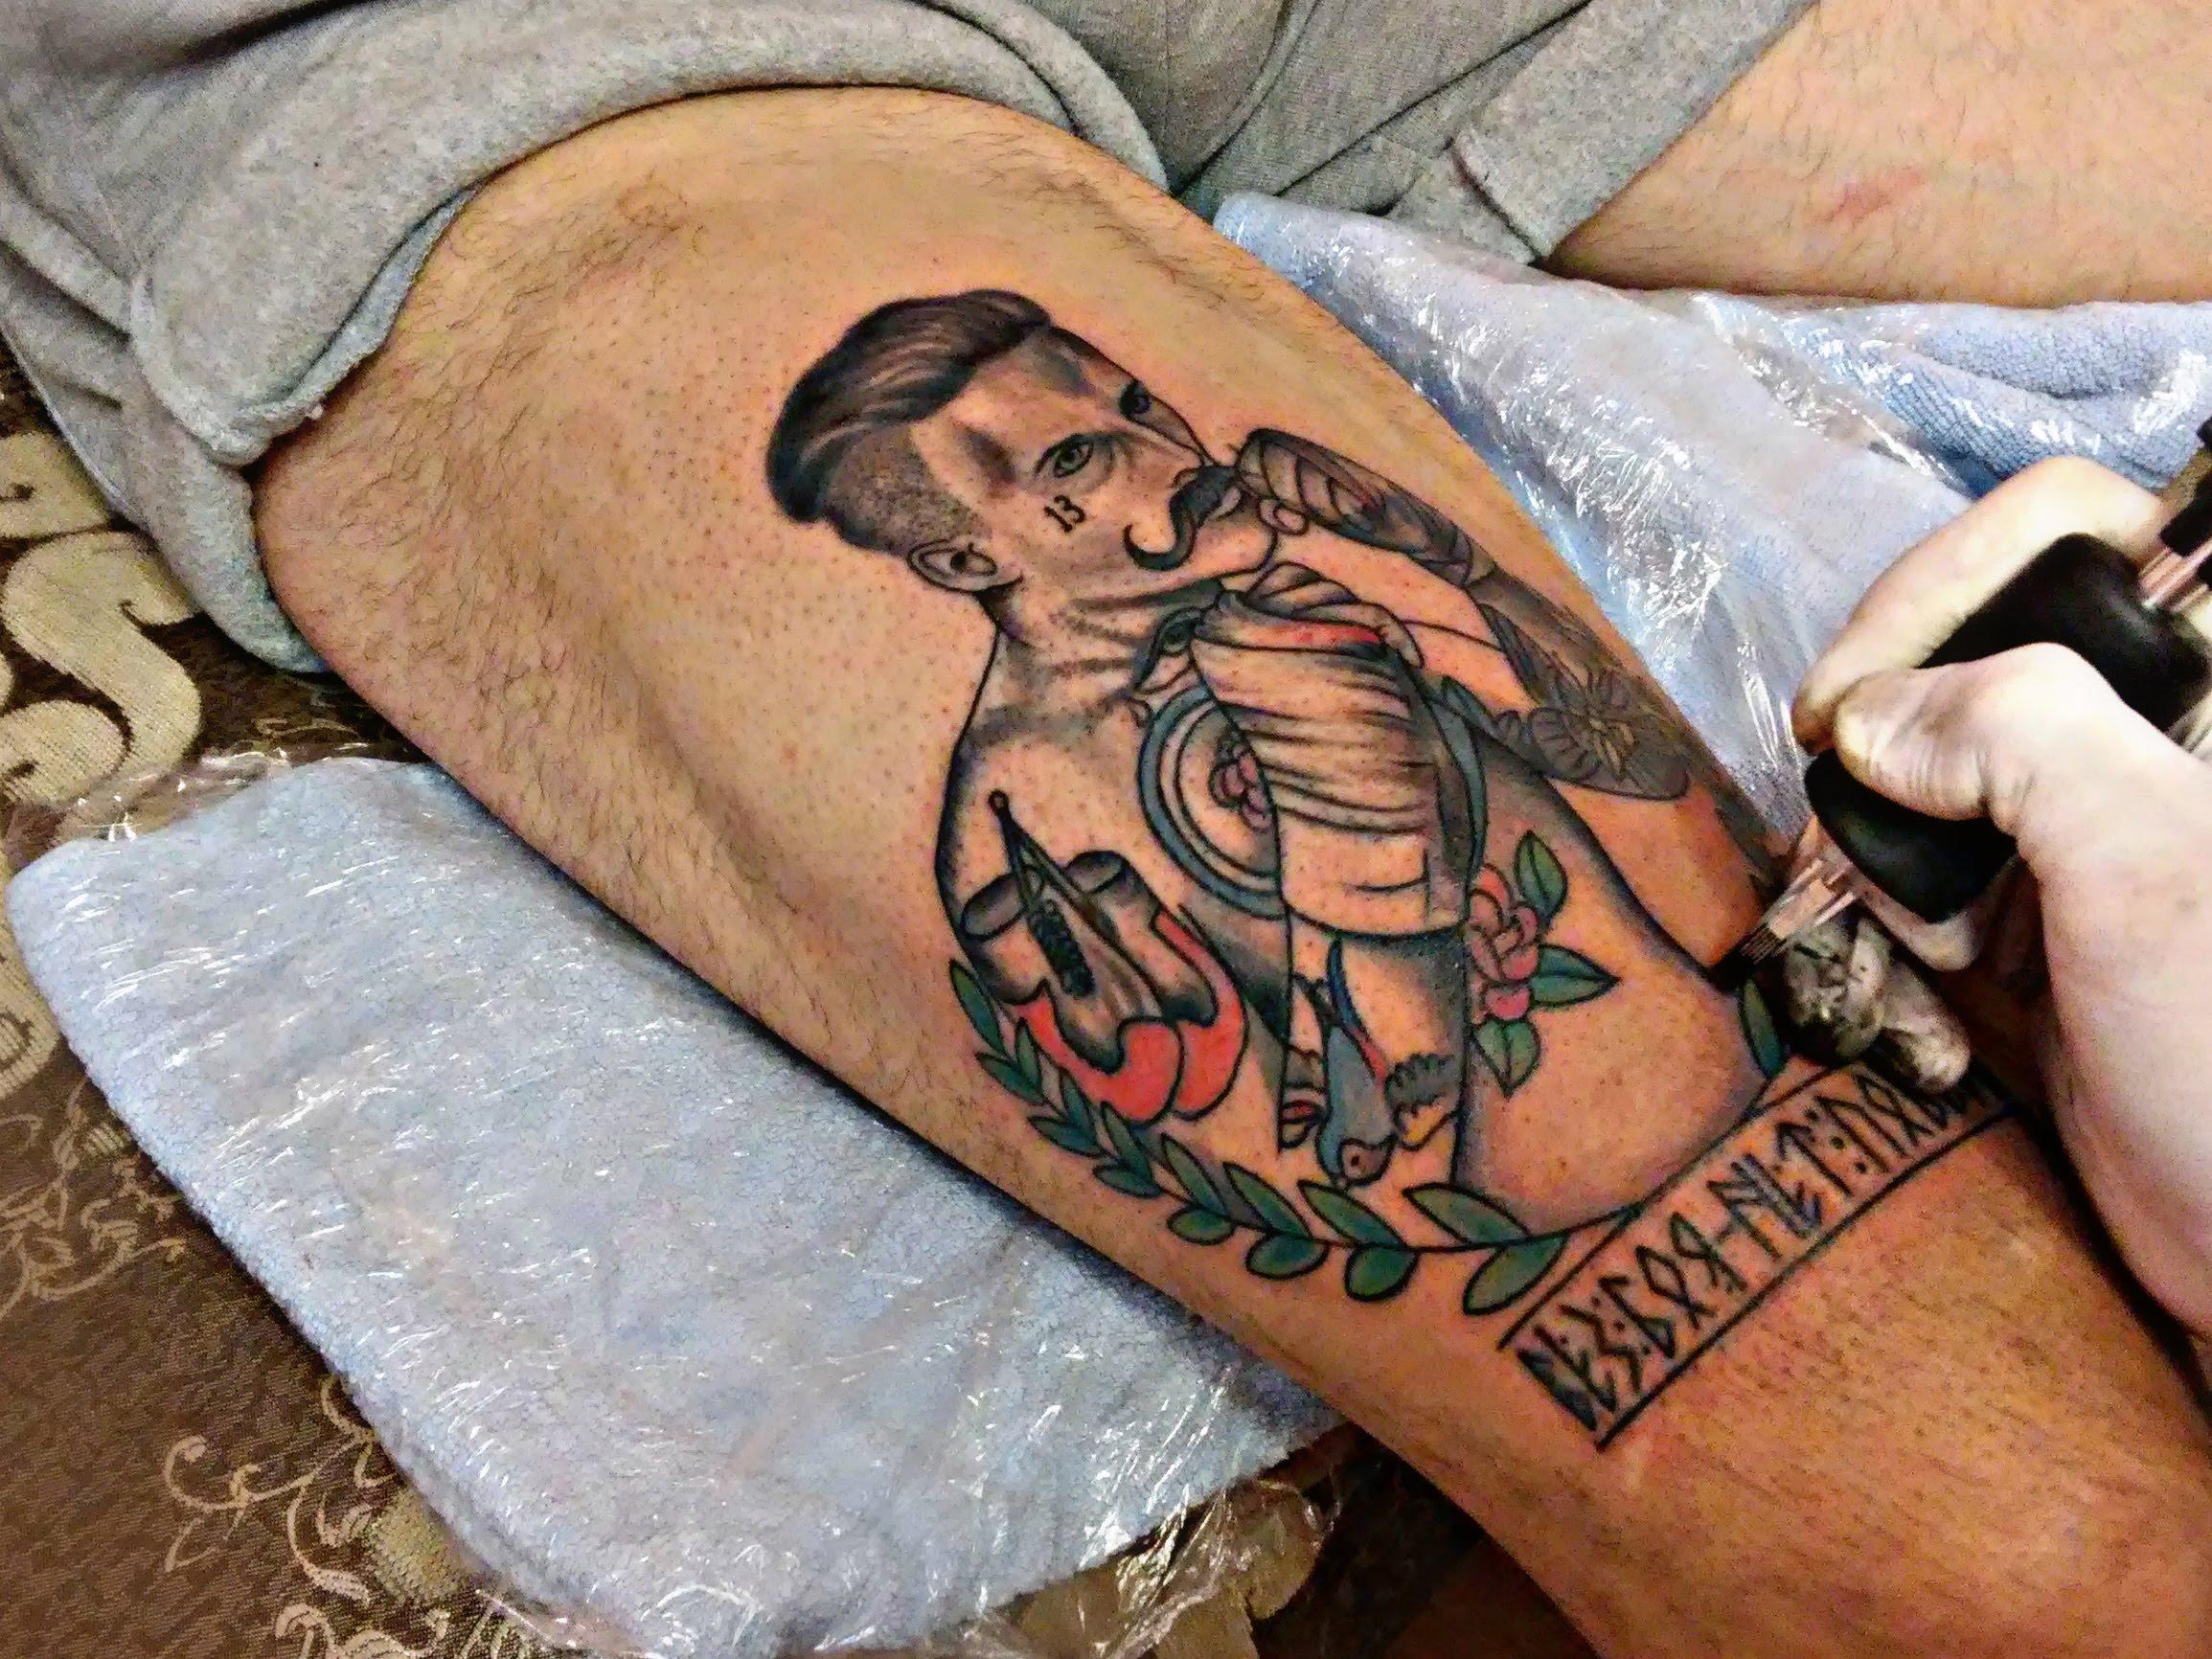 Тату боксерские перчатки - значение тату боксерских перчаток, эскизы и фото 51